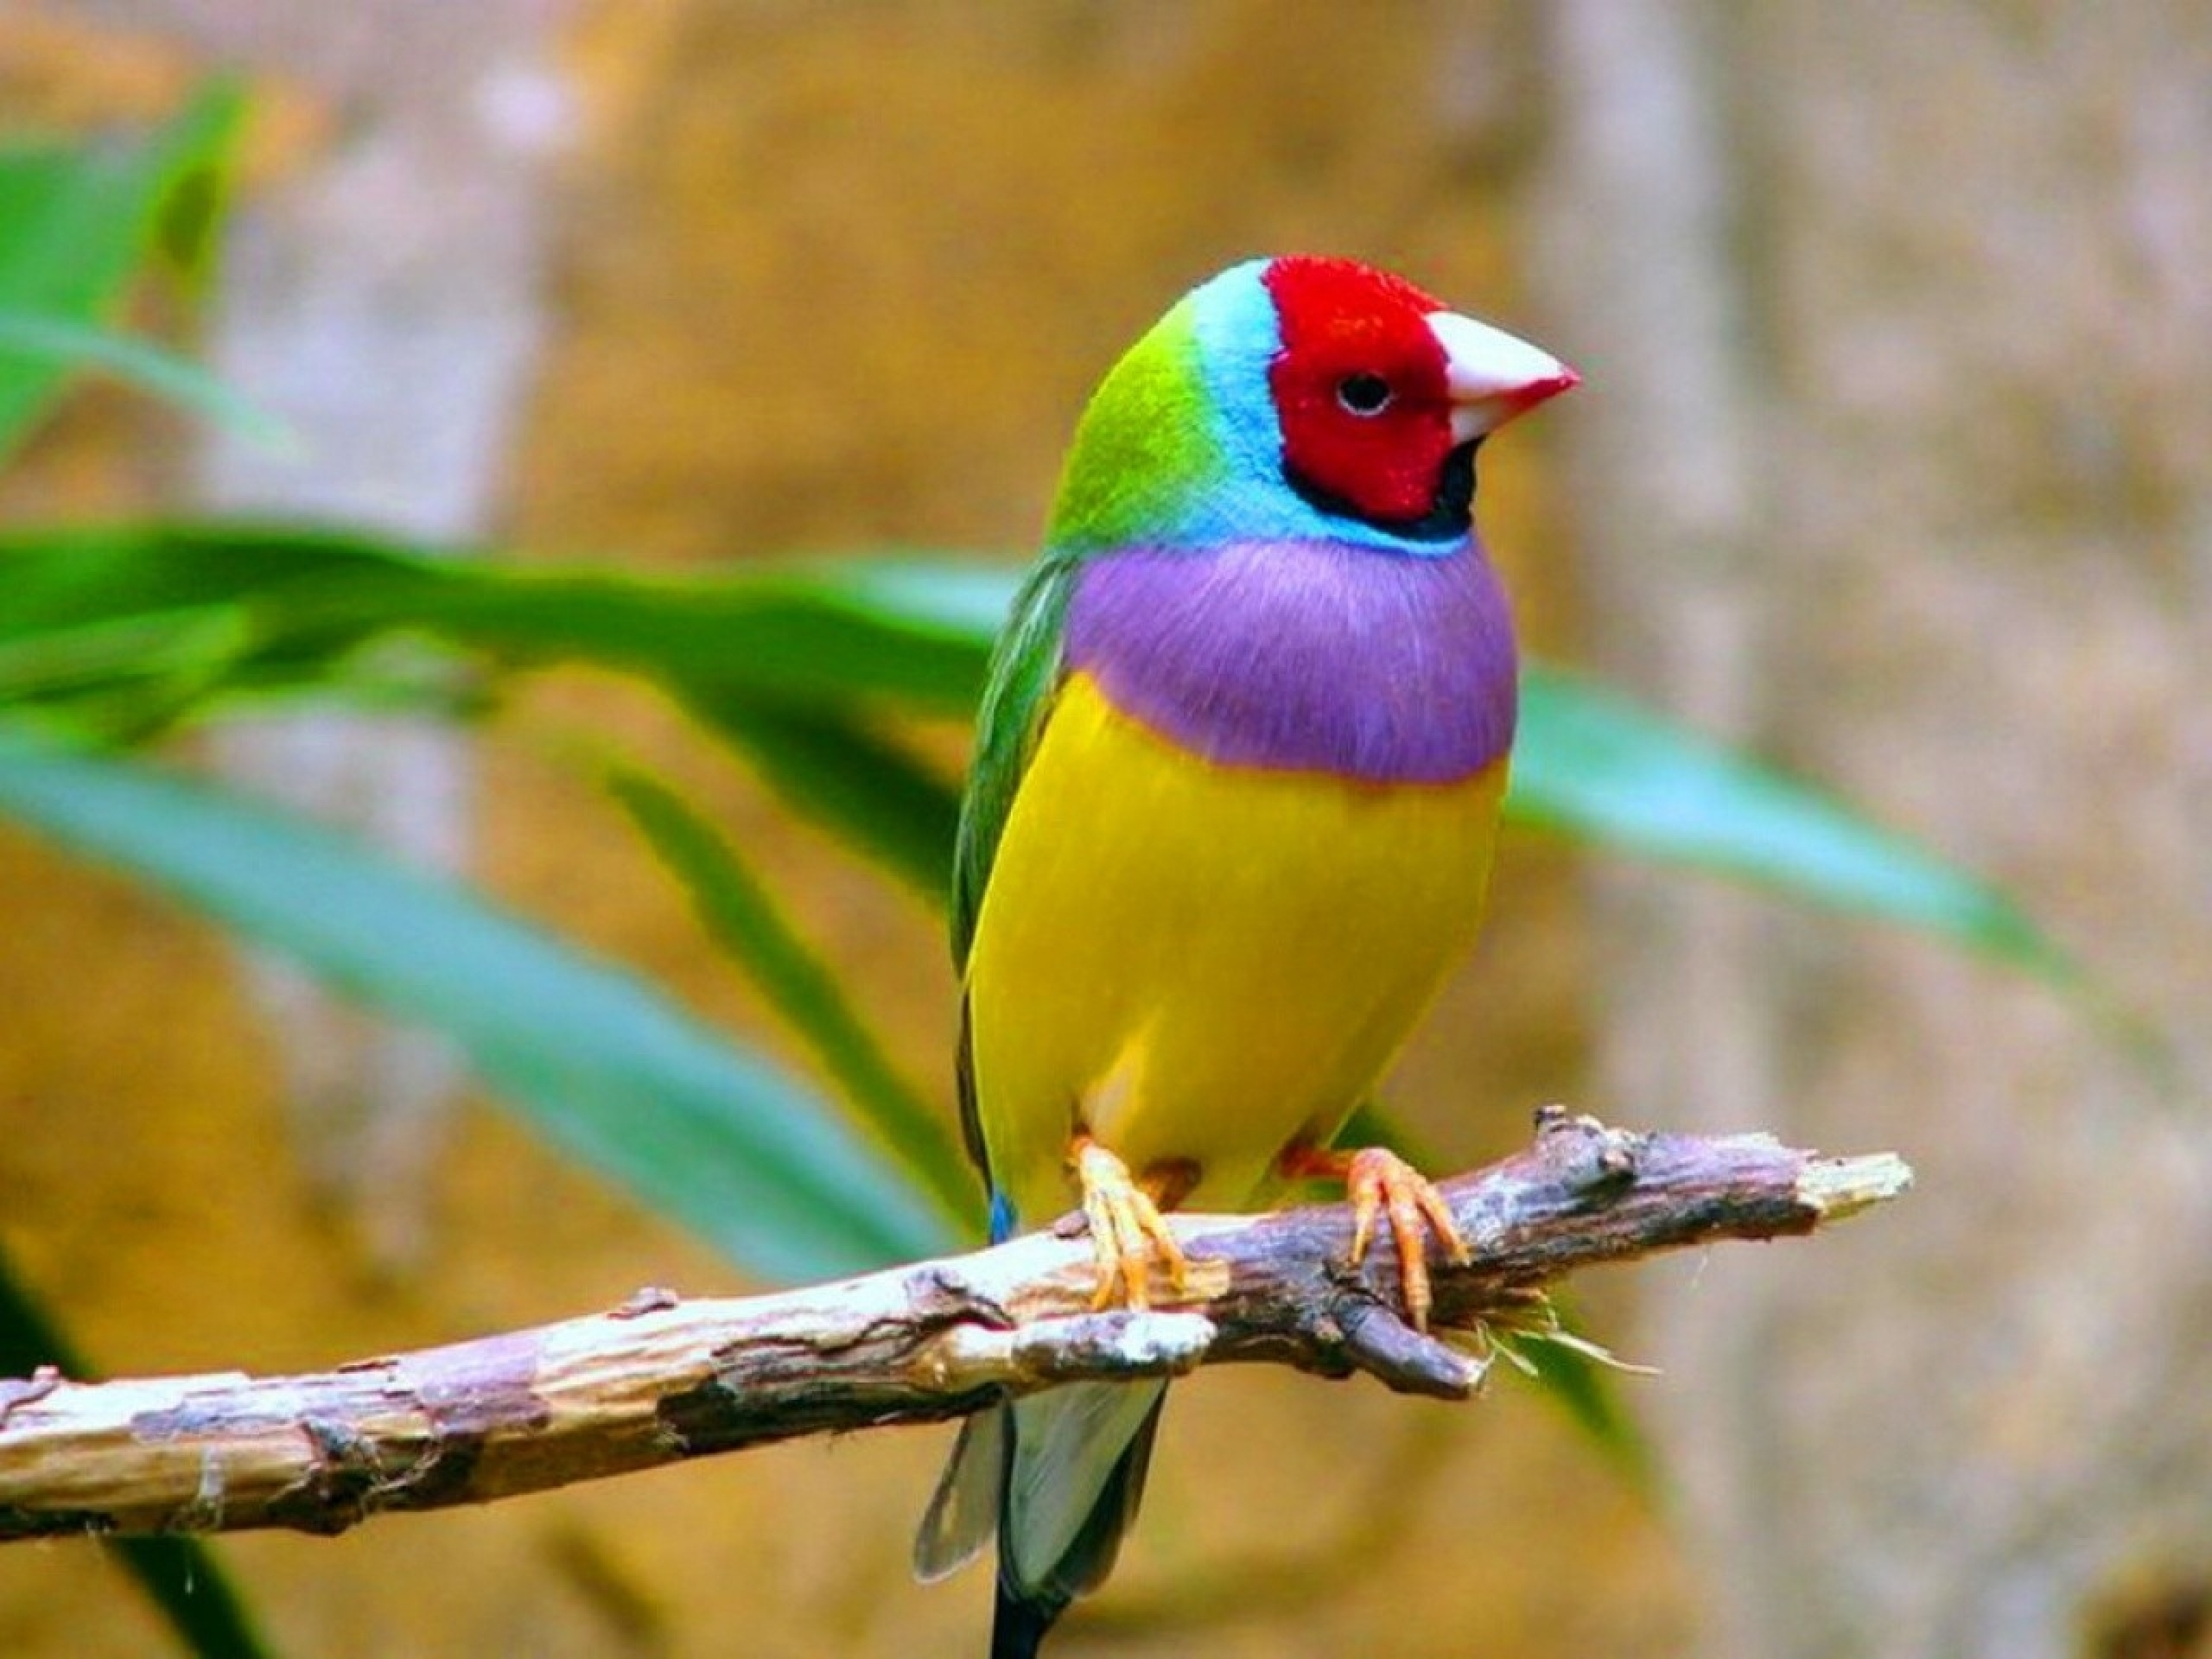 birding in cincinnati cincinnati birds